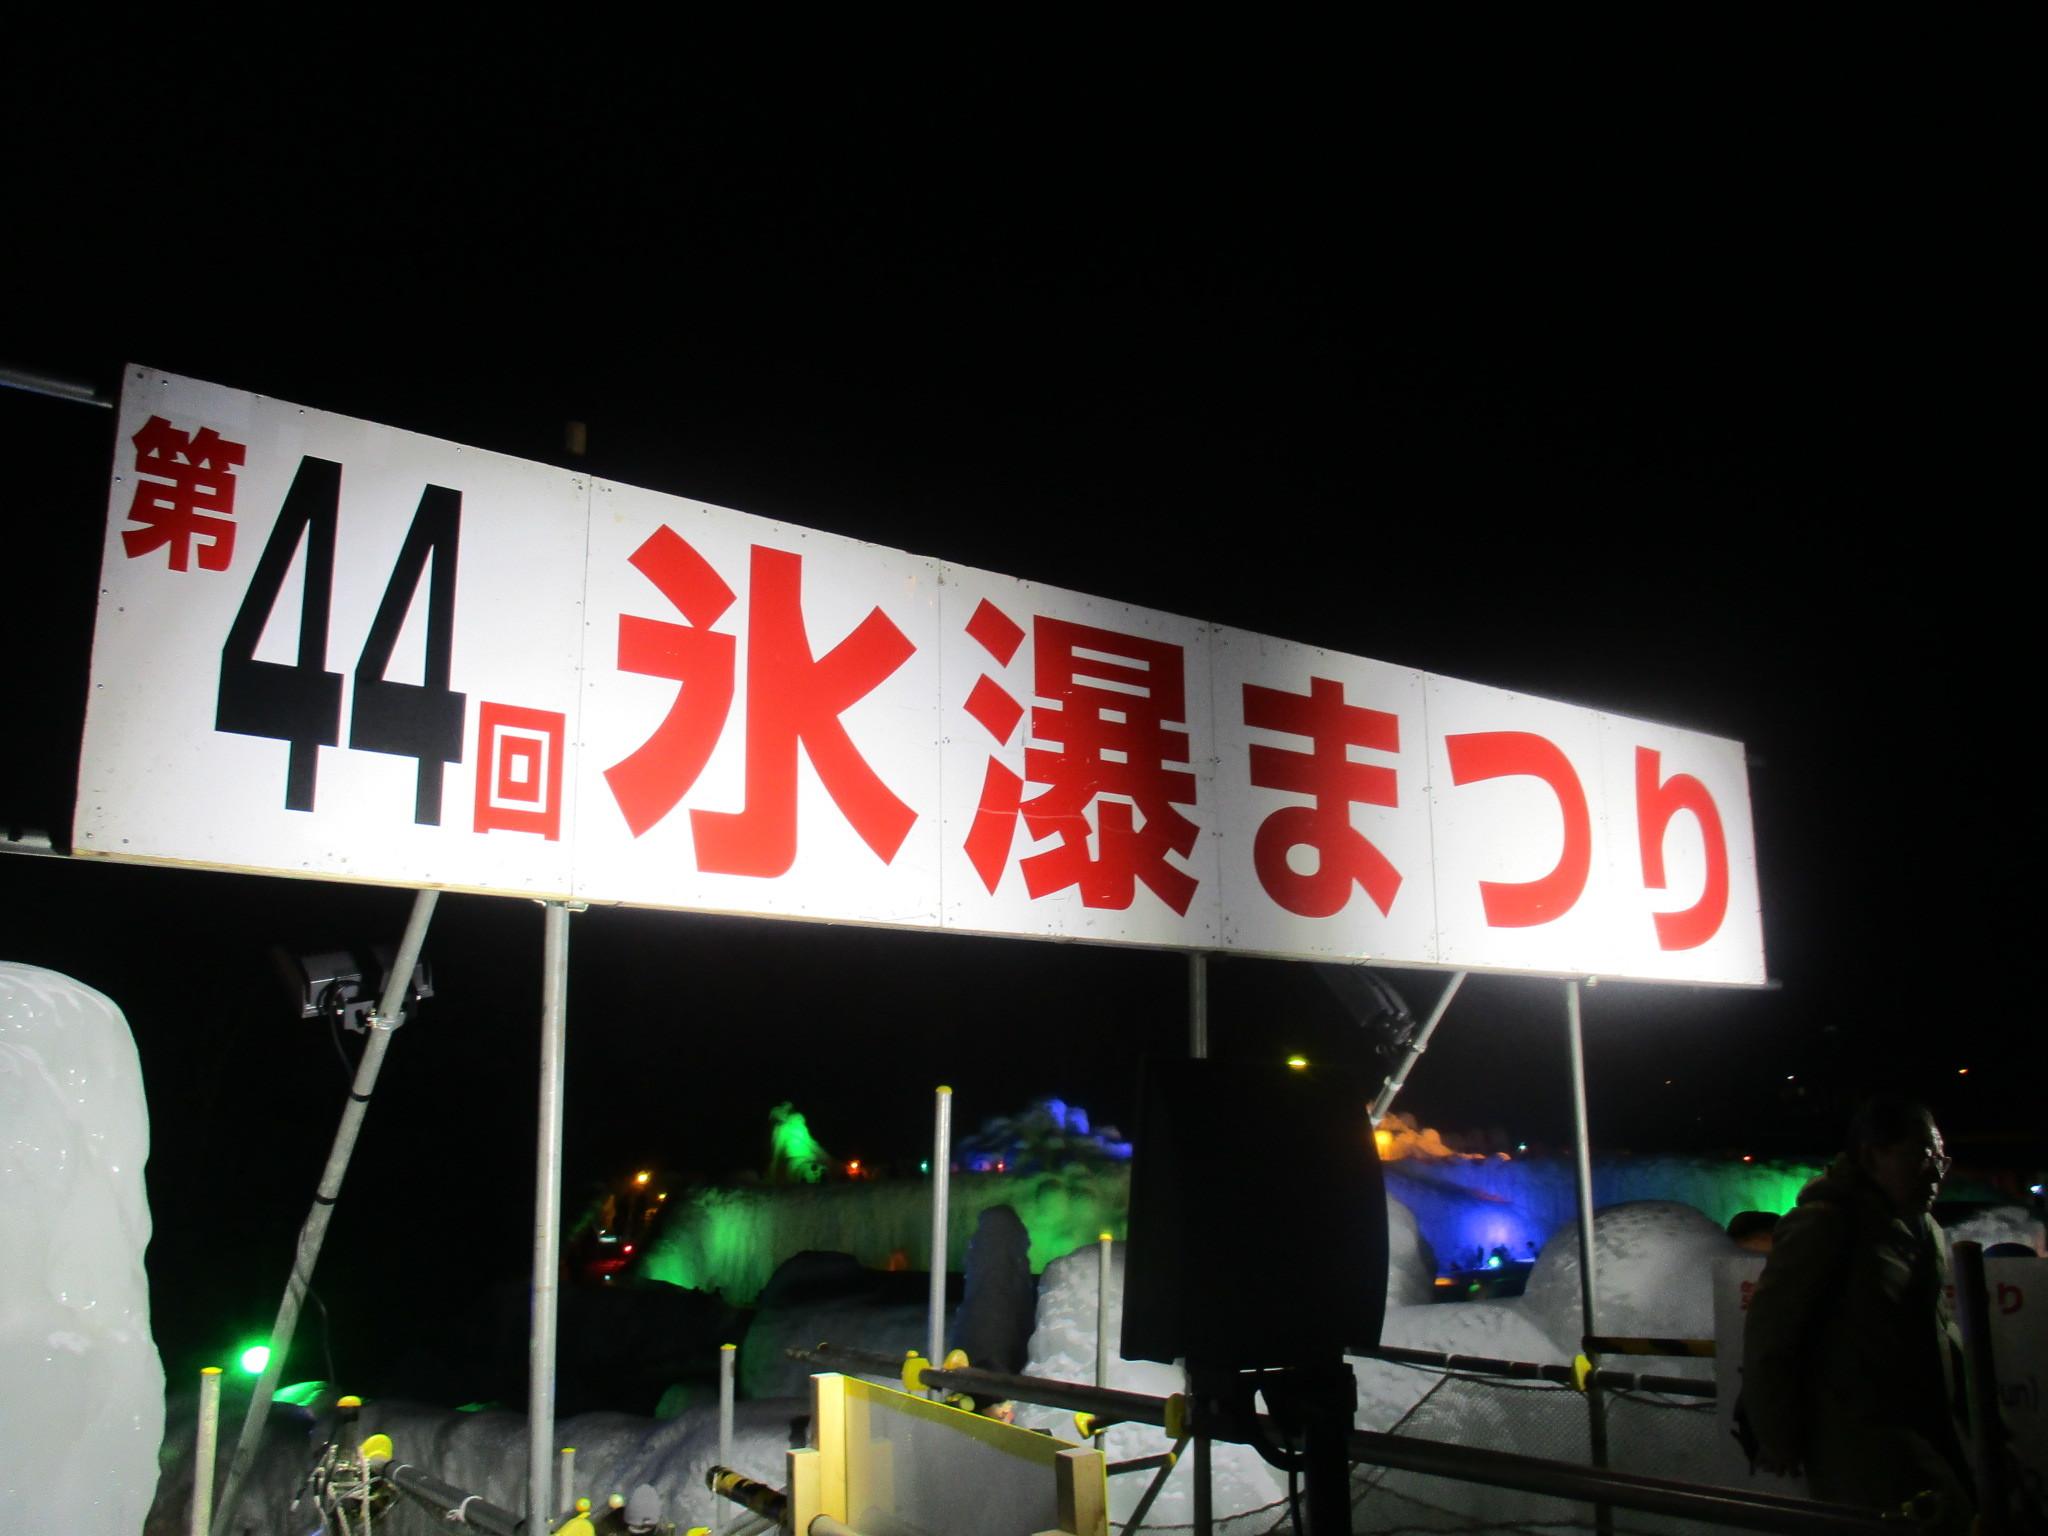 2月23日(土)・・・層雲峡の氷瀑祭り_f0202703_23395750.jpg